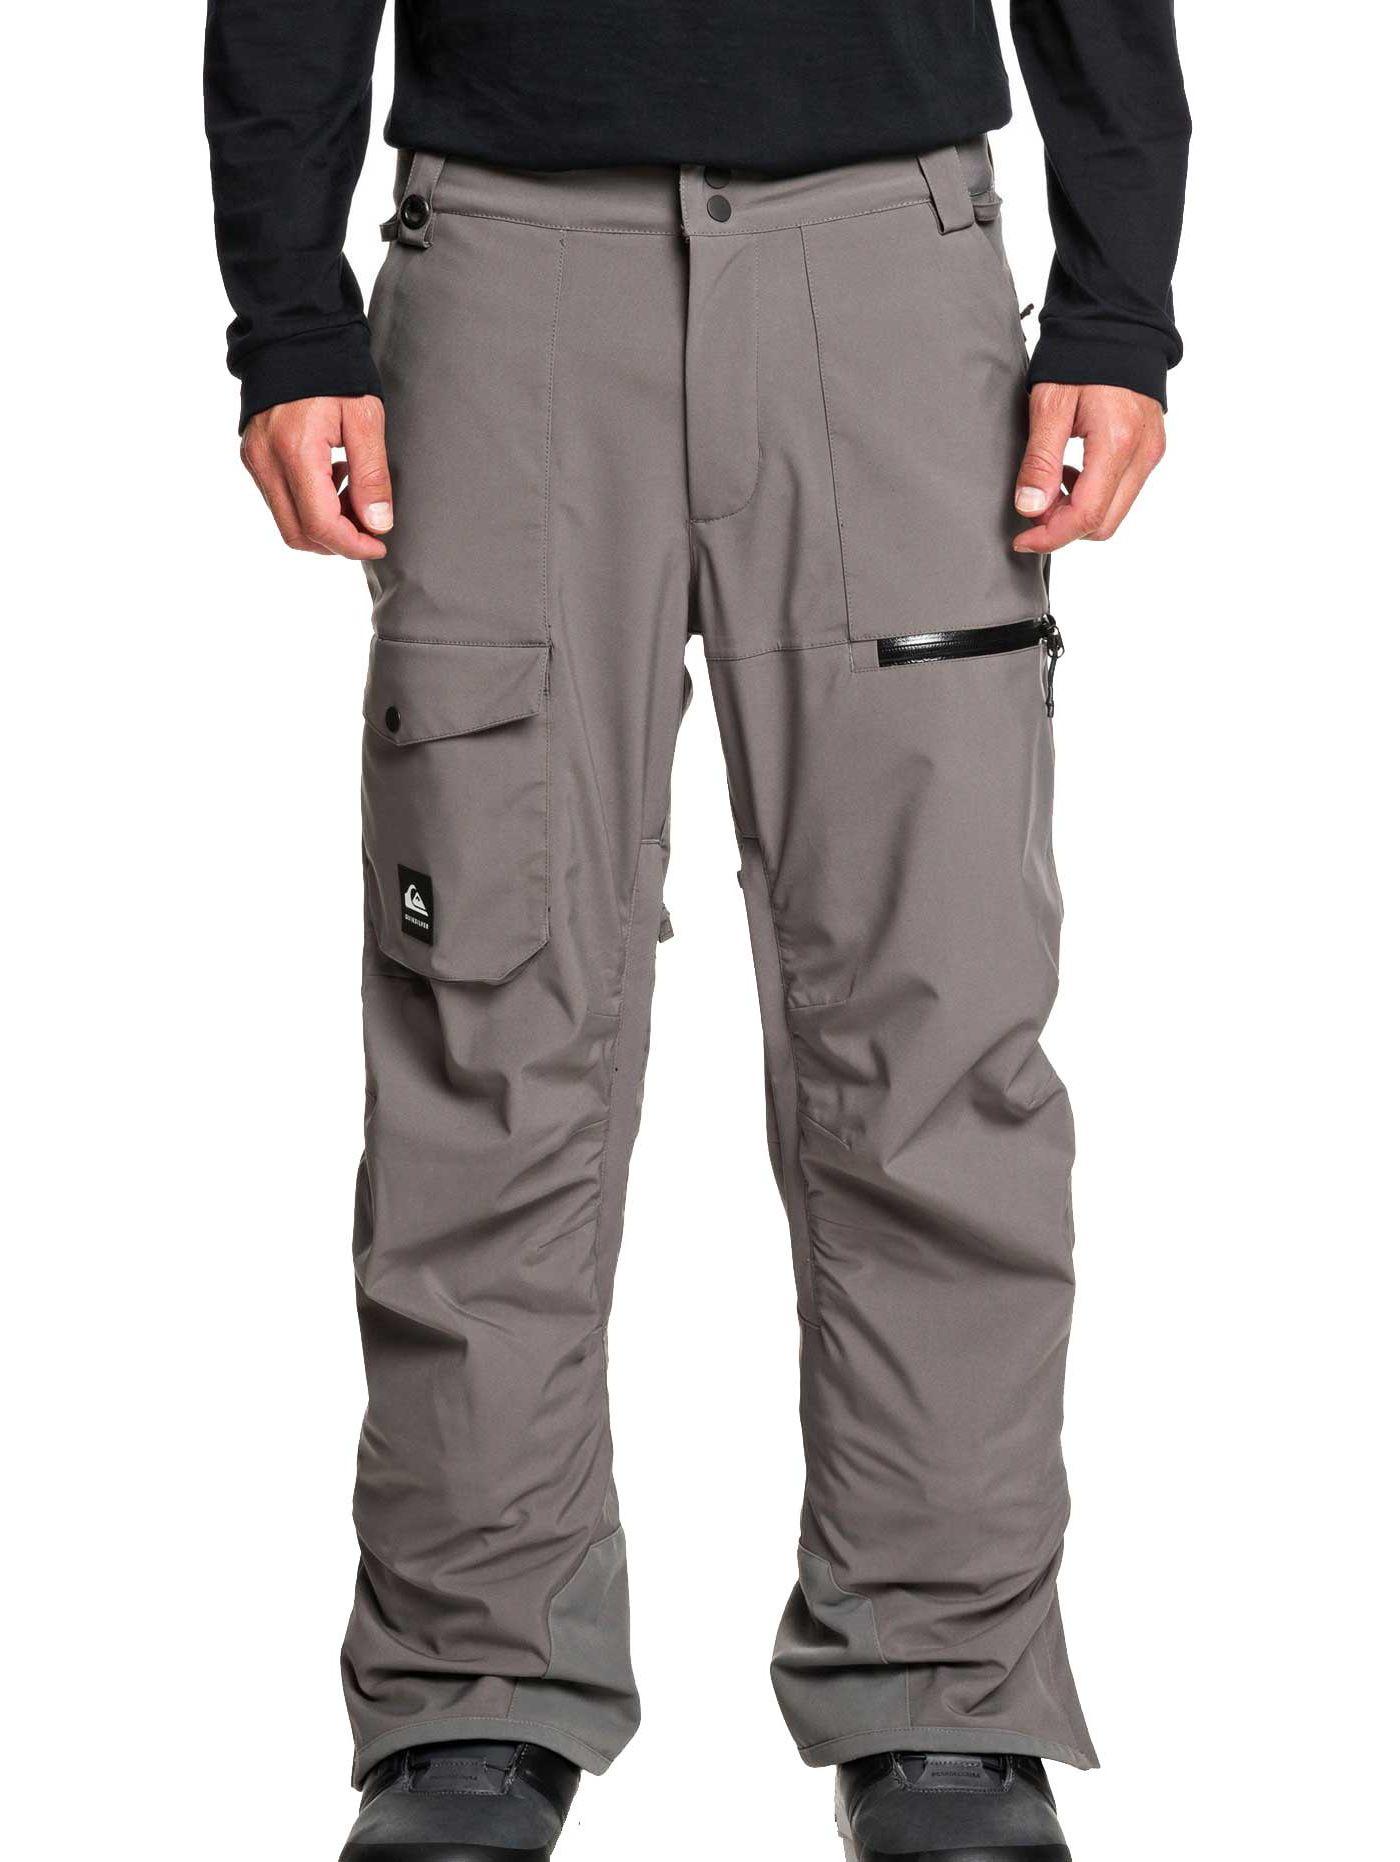 Quiksilver Men's Utility Snow Pants